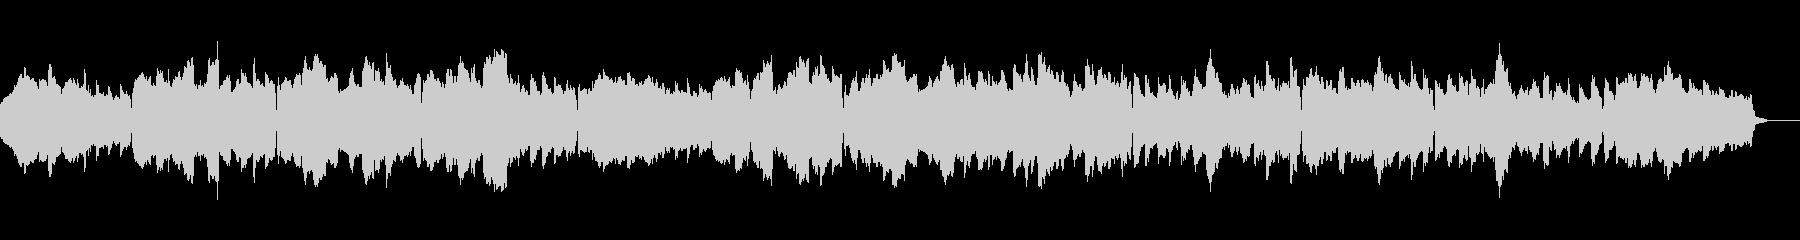 イングリッシュホルンの切ないスローワルツの未再生の波形